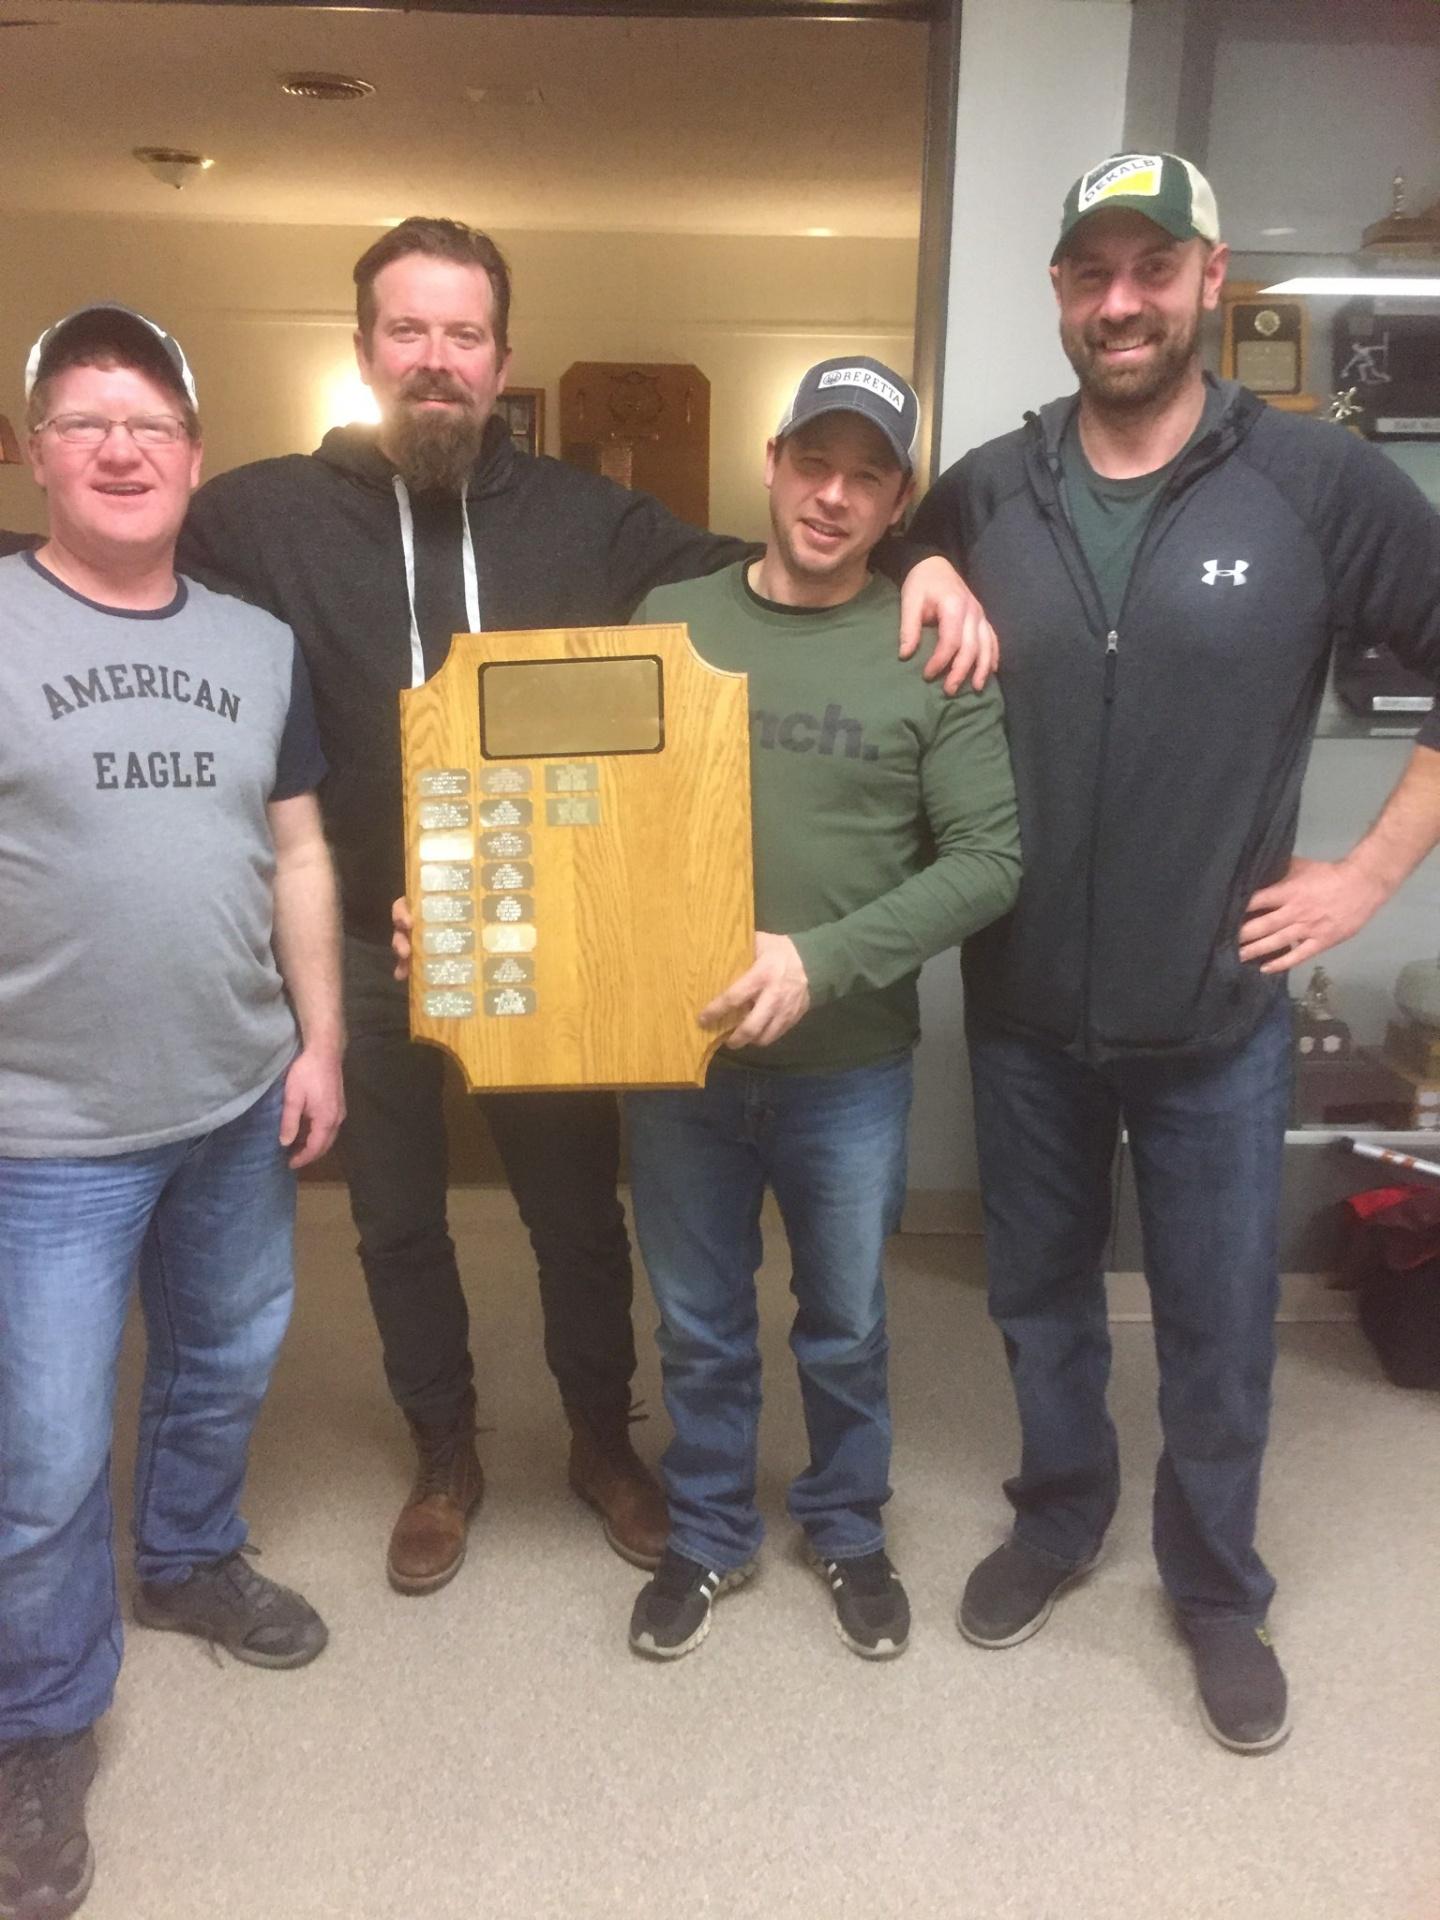 2019 Tillsonburg Crompton's Home Hardware Bonspiel overall winners! Geoff Alexander, Adam Bell, Donnie Stewart, Travis Hofstetter.